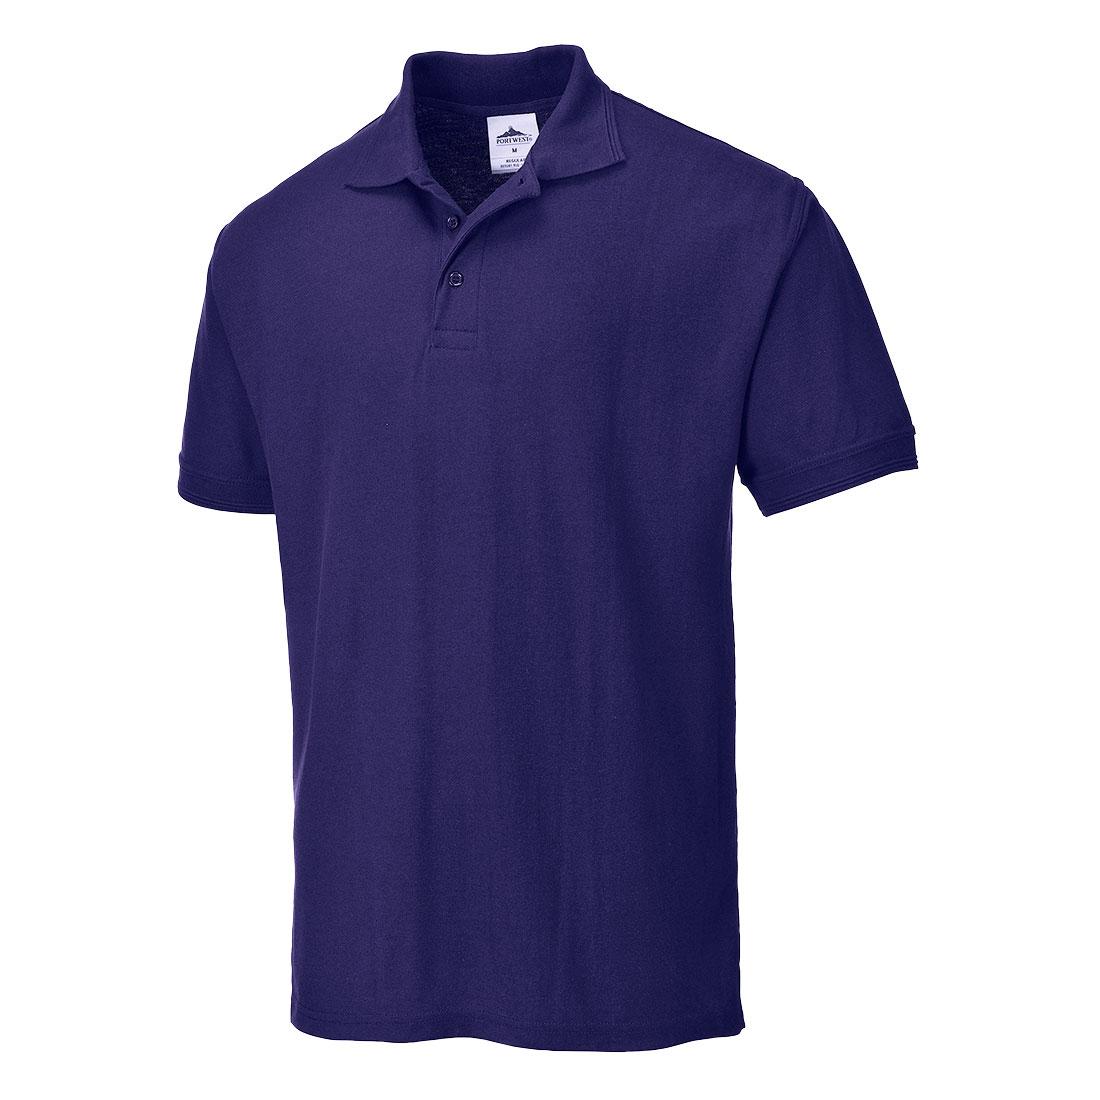 Naples Polo Shirt Purple XLR